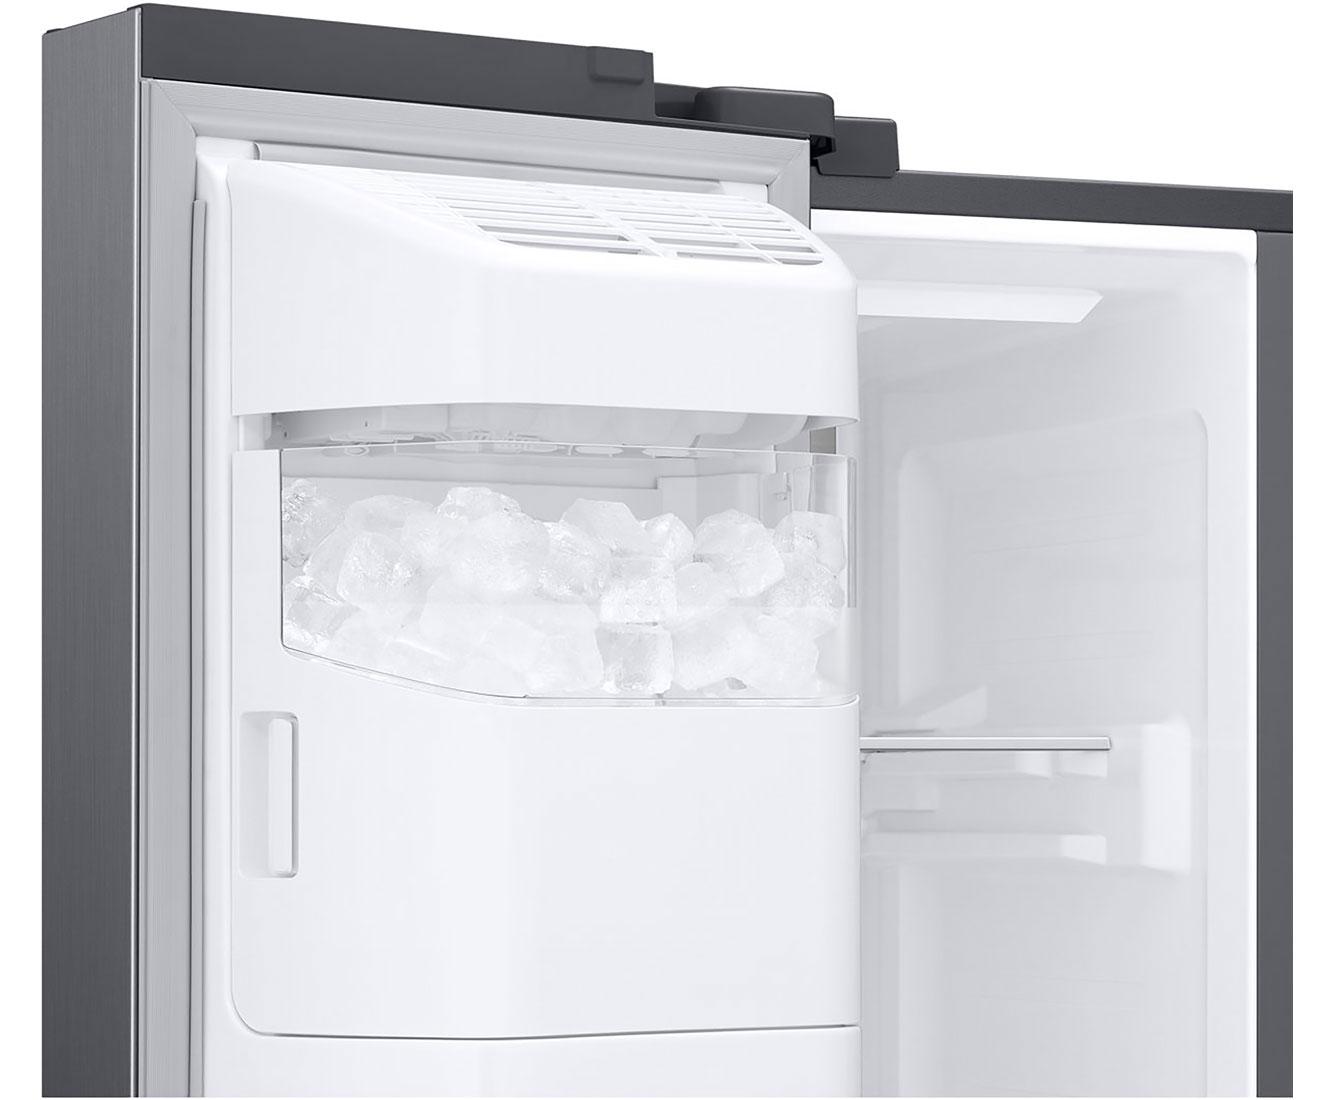 Amerikanischer Kühlschrank Mit Fernseher : Samsung rs68n8941sl ef amerikanischer side by side mit wasserspender